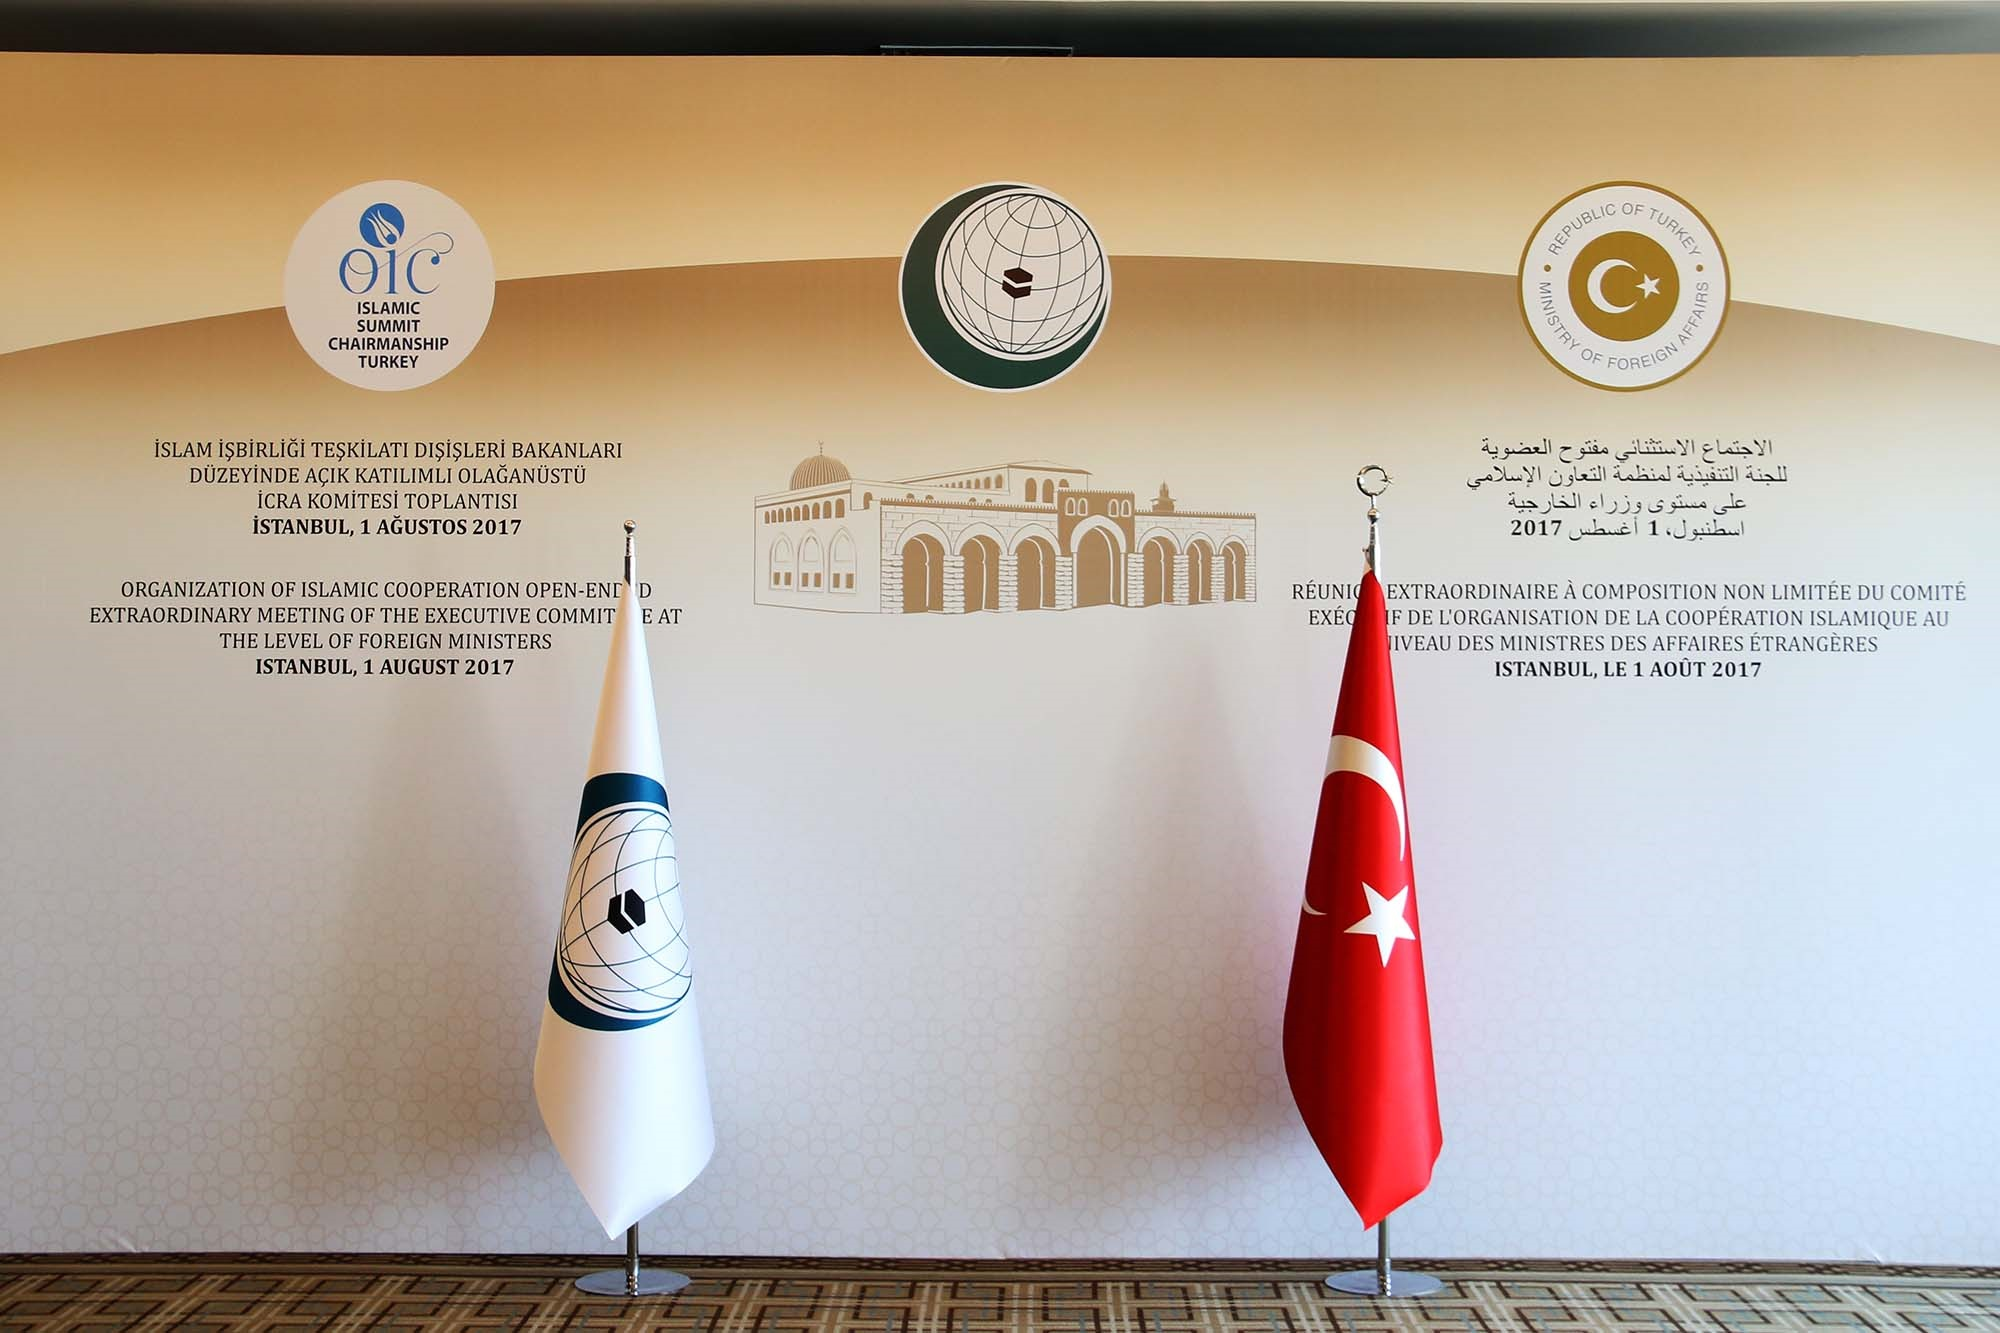 برگزاری نشست فوق العاده سازمان همکاری اسلامی با موضوع قدس در استانبول